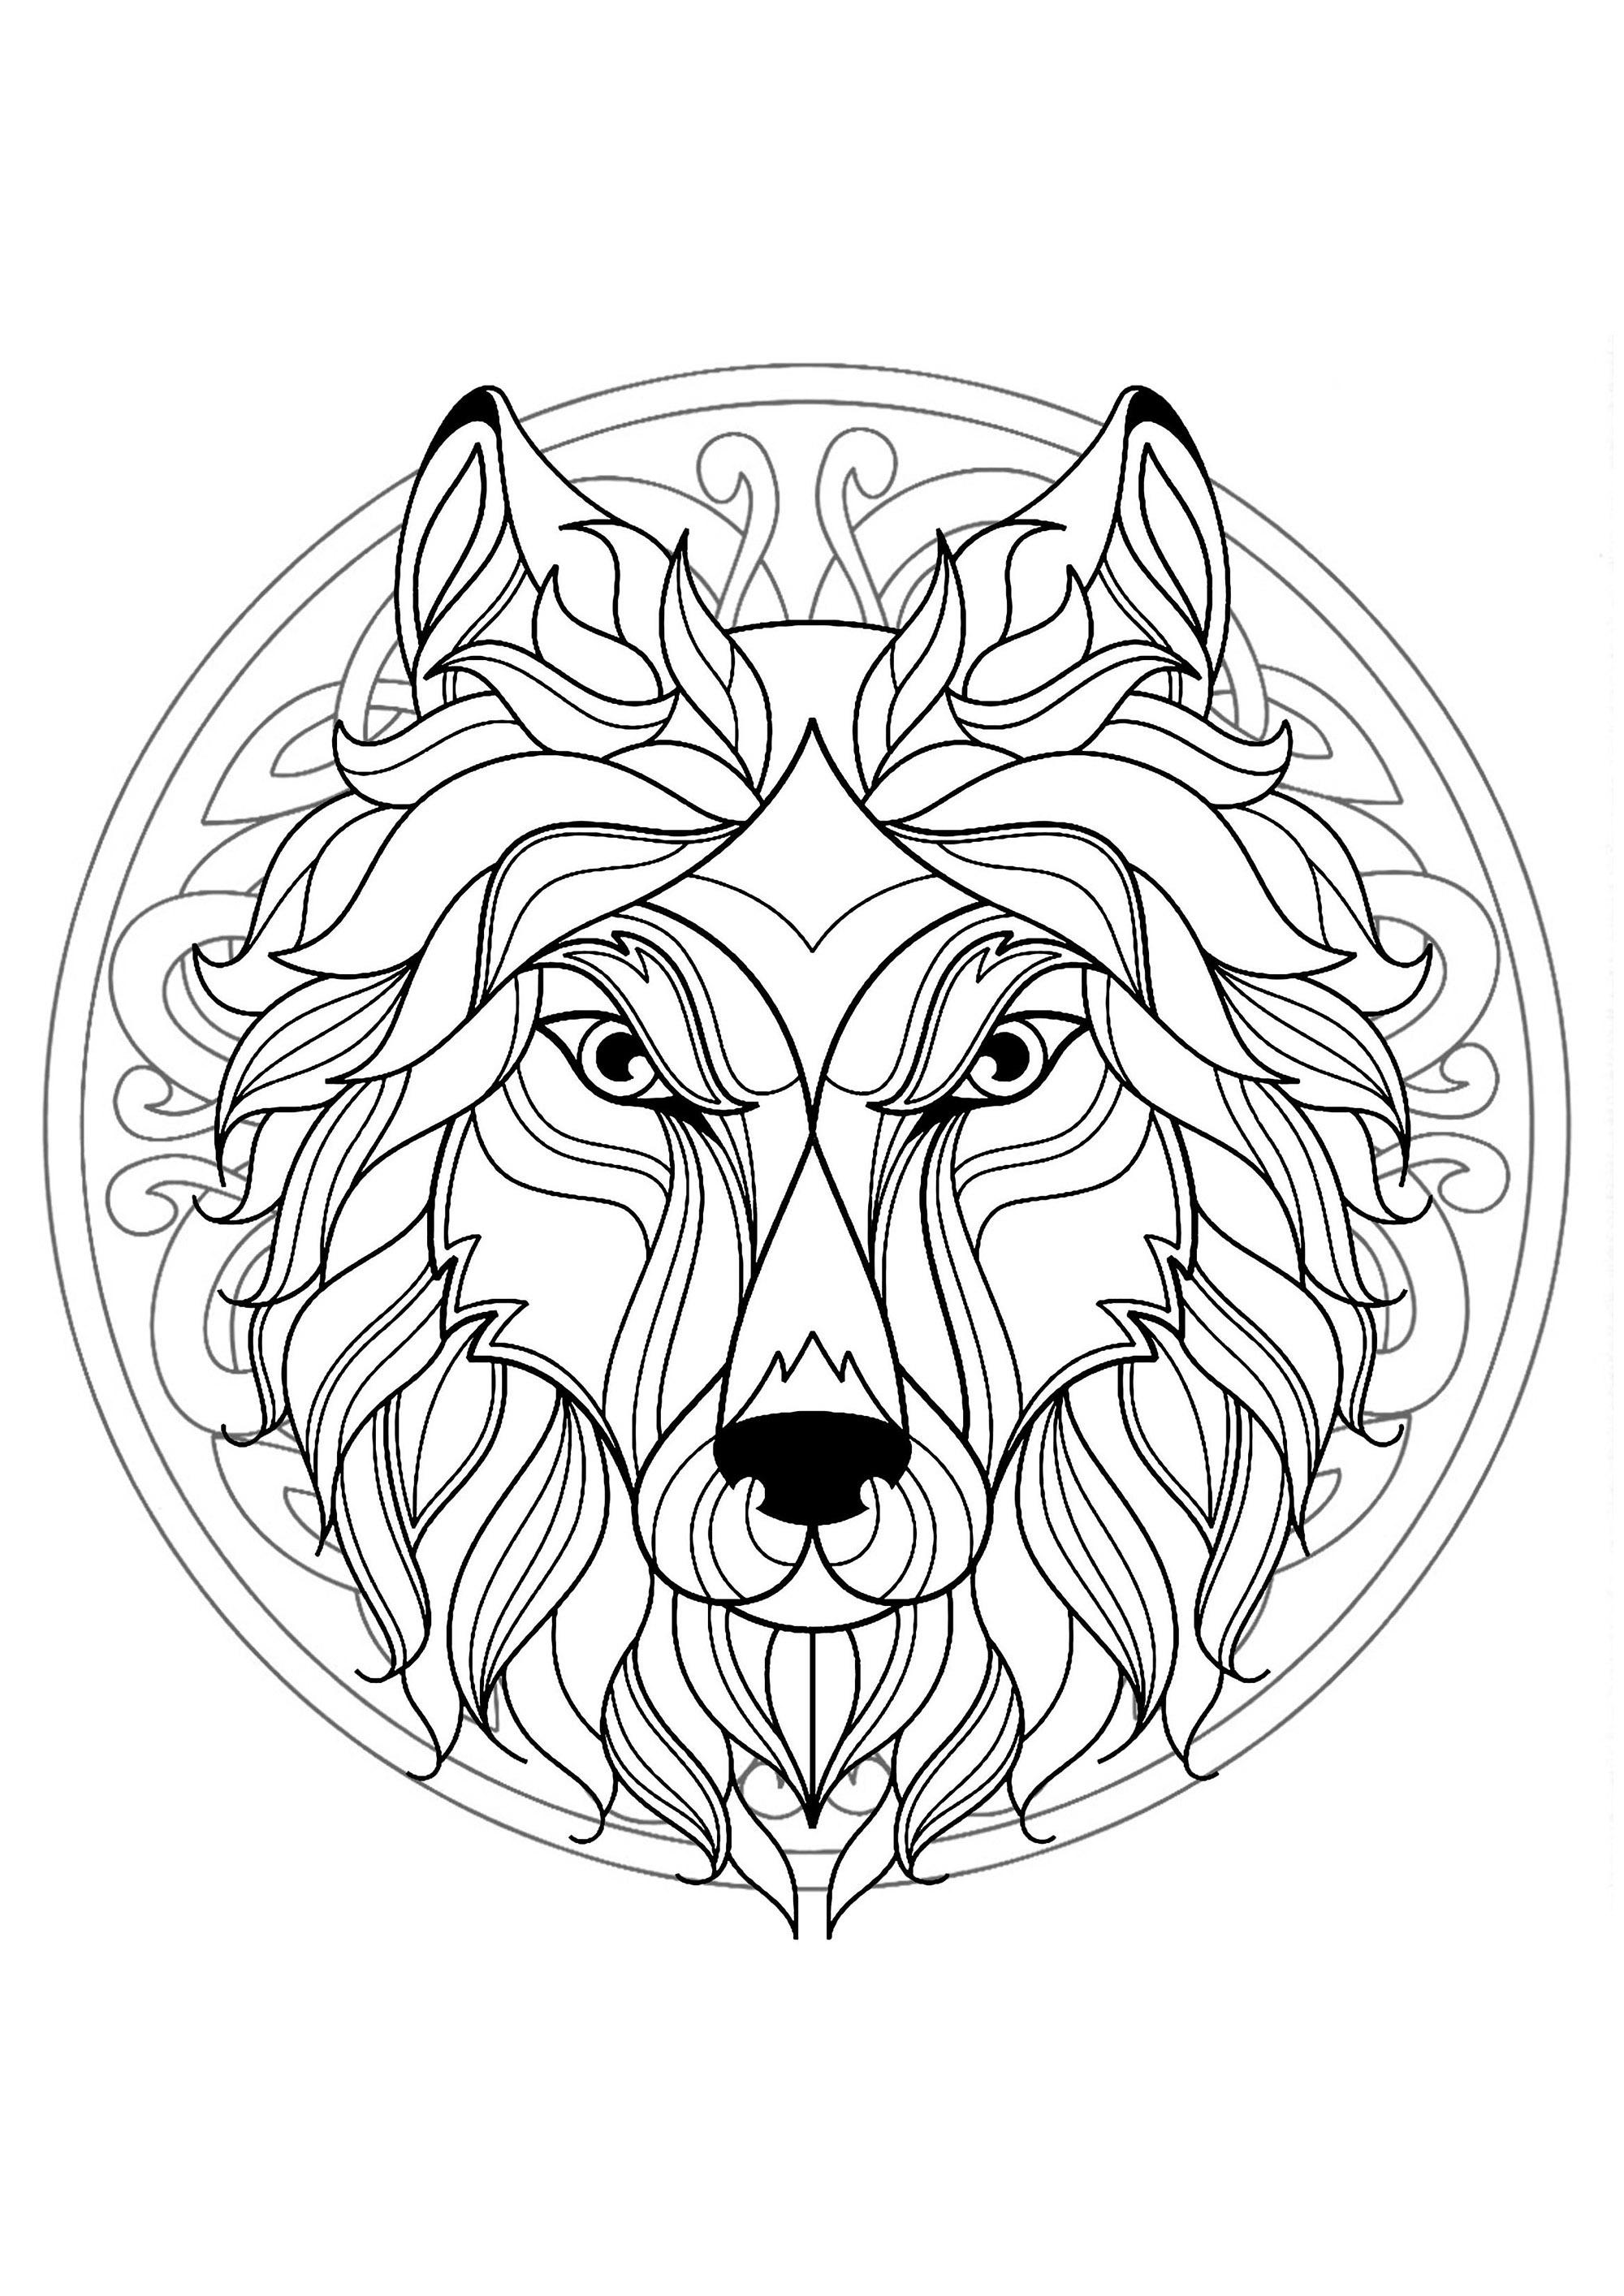 Mandala tete loup 4 mandalas difficiles pour adultes - Tete de loup dessin ...